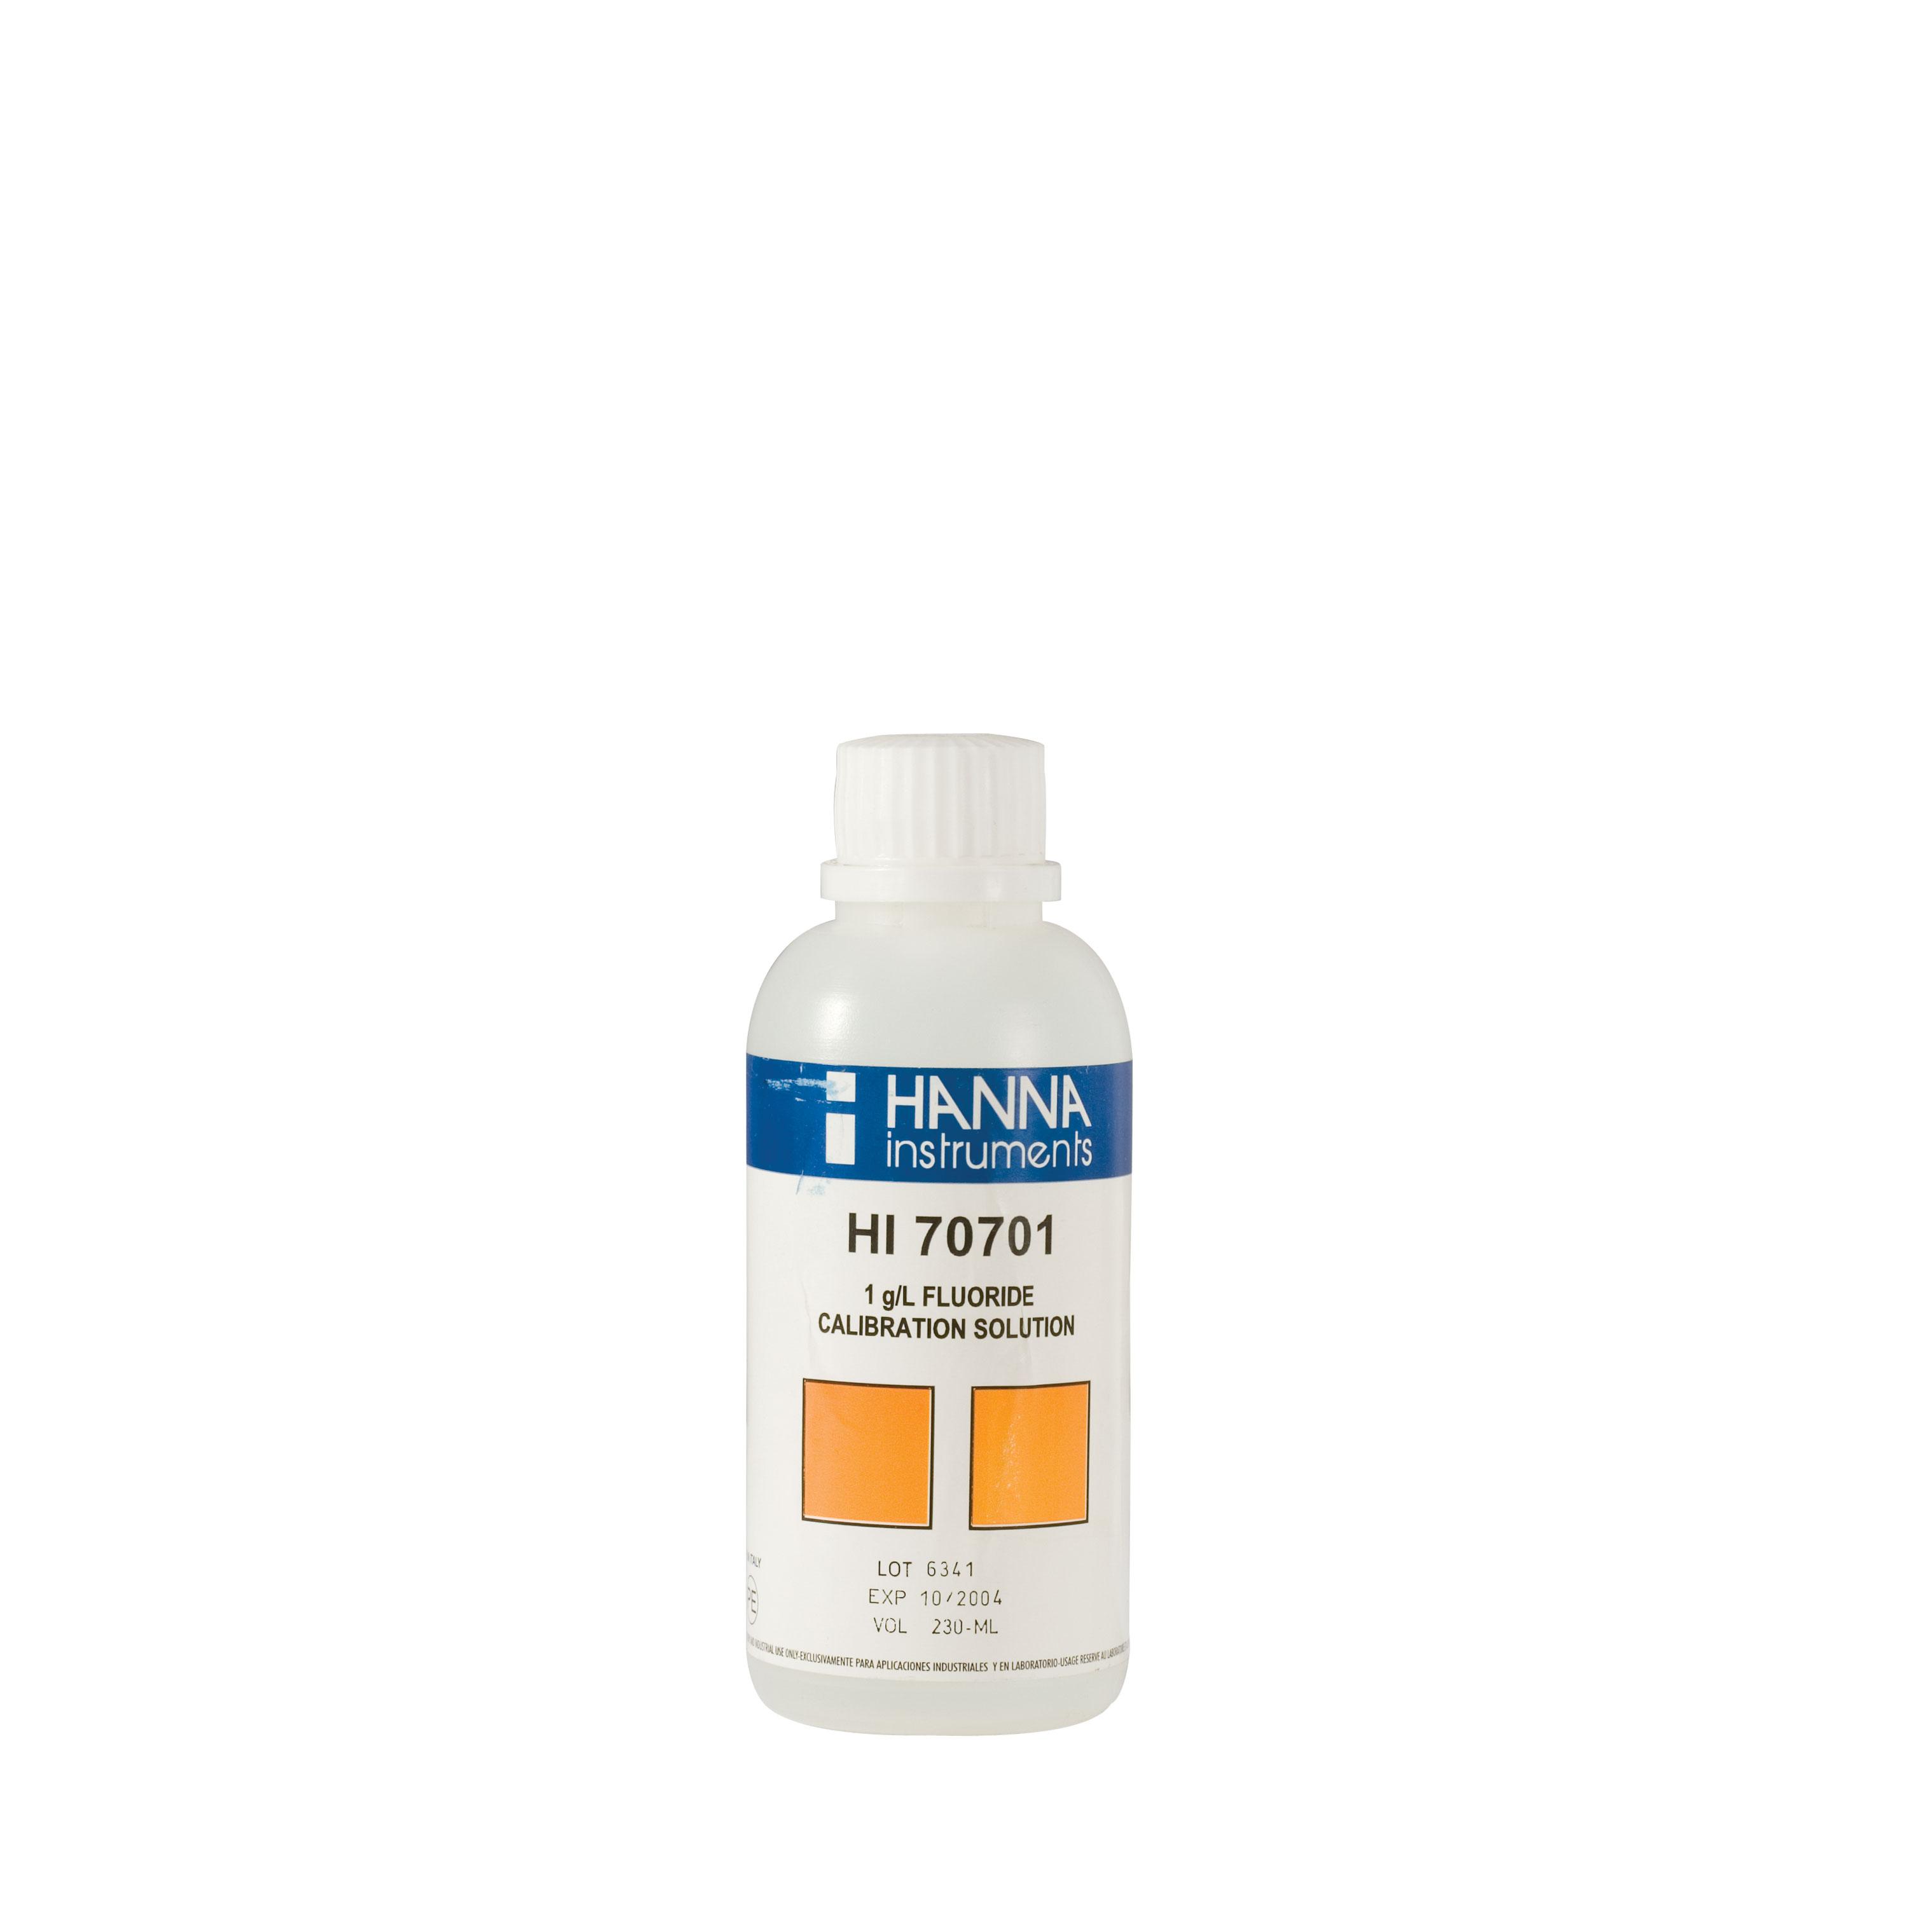 Solución Estándar de Fluoruro de 1 g/L (230 mL) - HI70701M